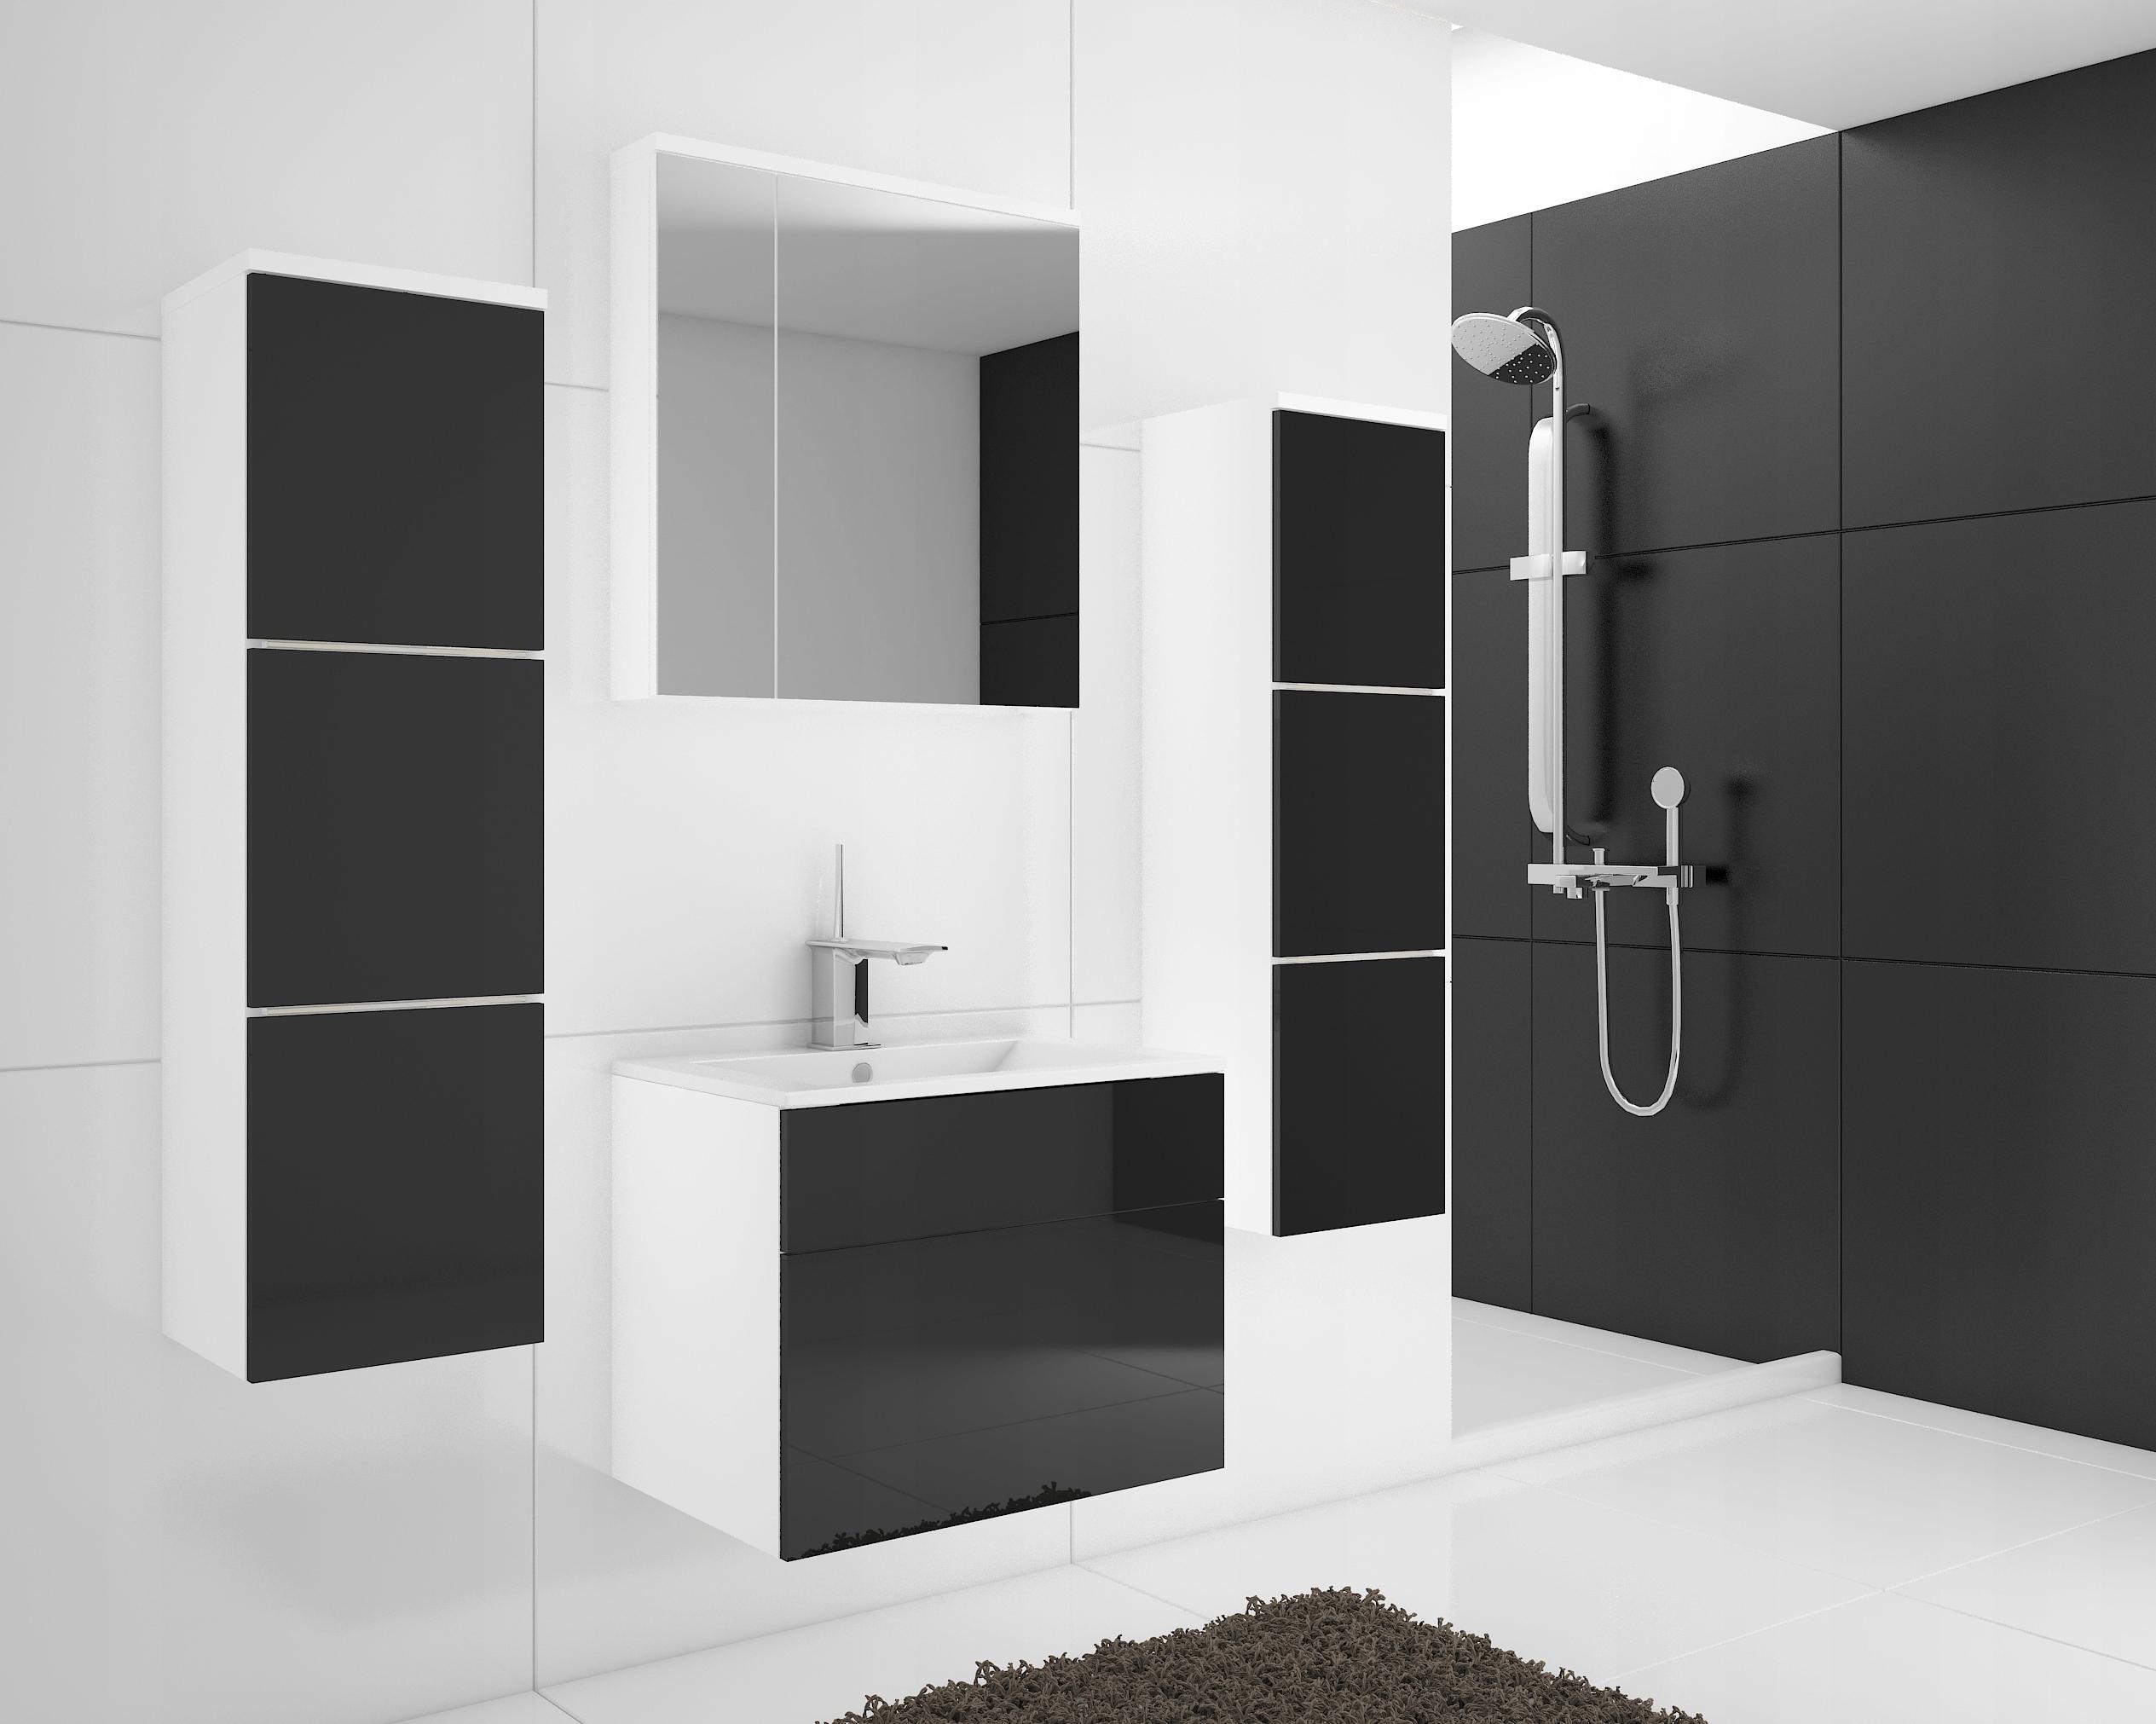 Nábytok pre kúpeľňa TORRO lesklý MDF, zrkadlo, skriňa